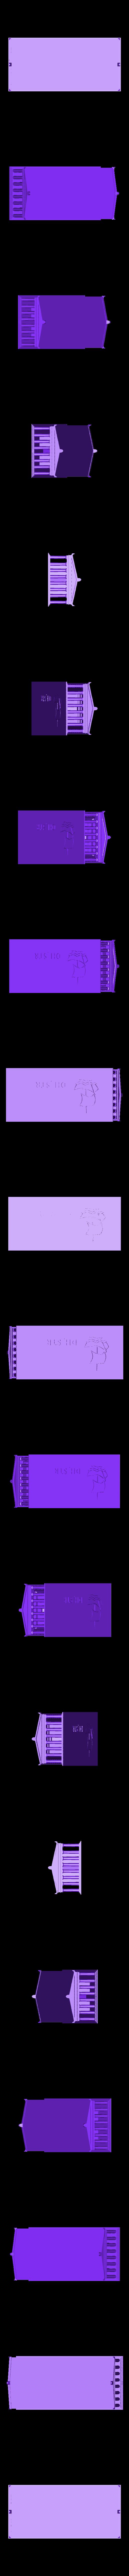 parthenon.stl Télécharger fichier STL gratuit Parthénon (mini version simple) • Design pour impression 3D, dh_str